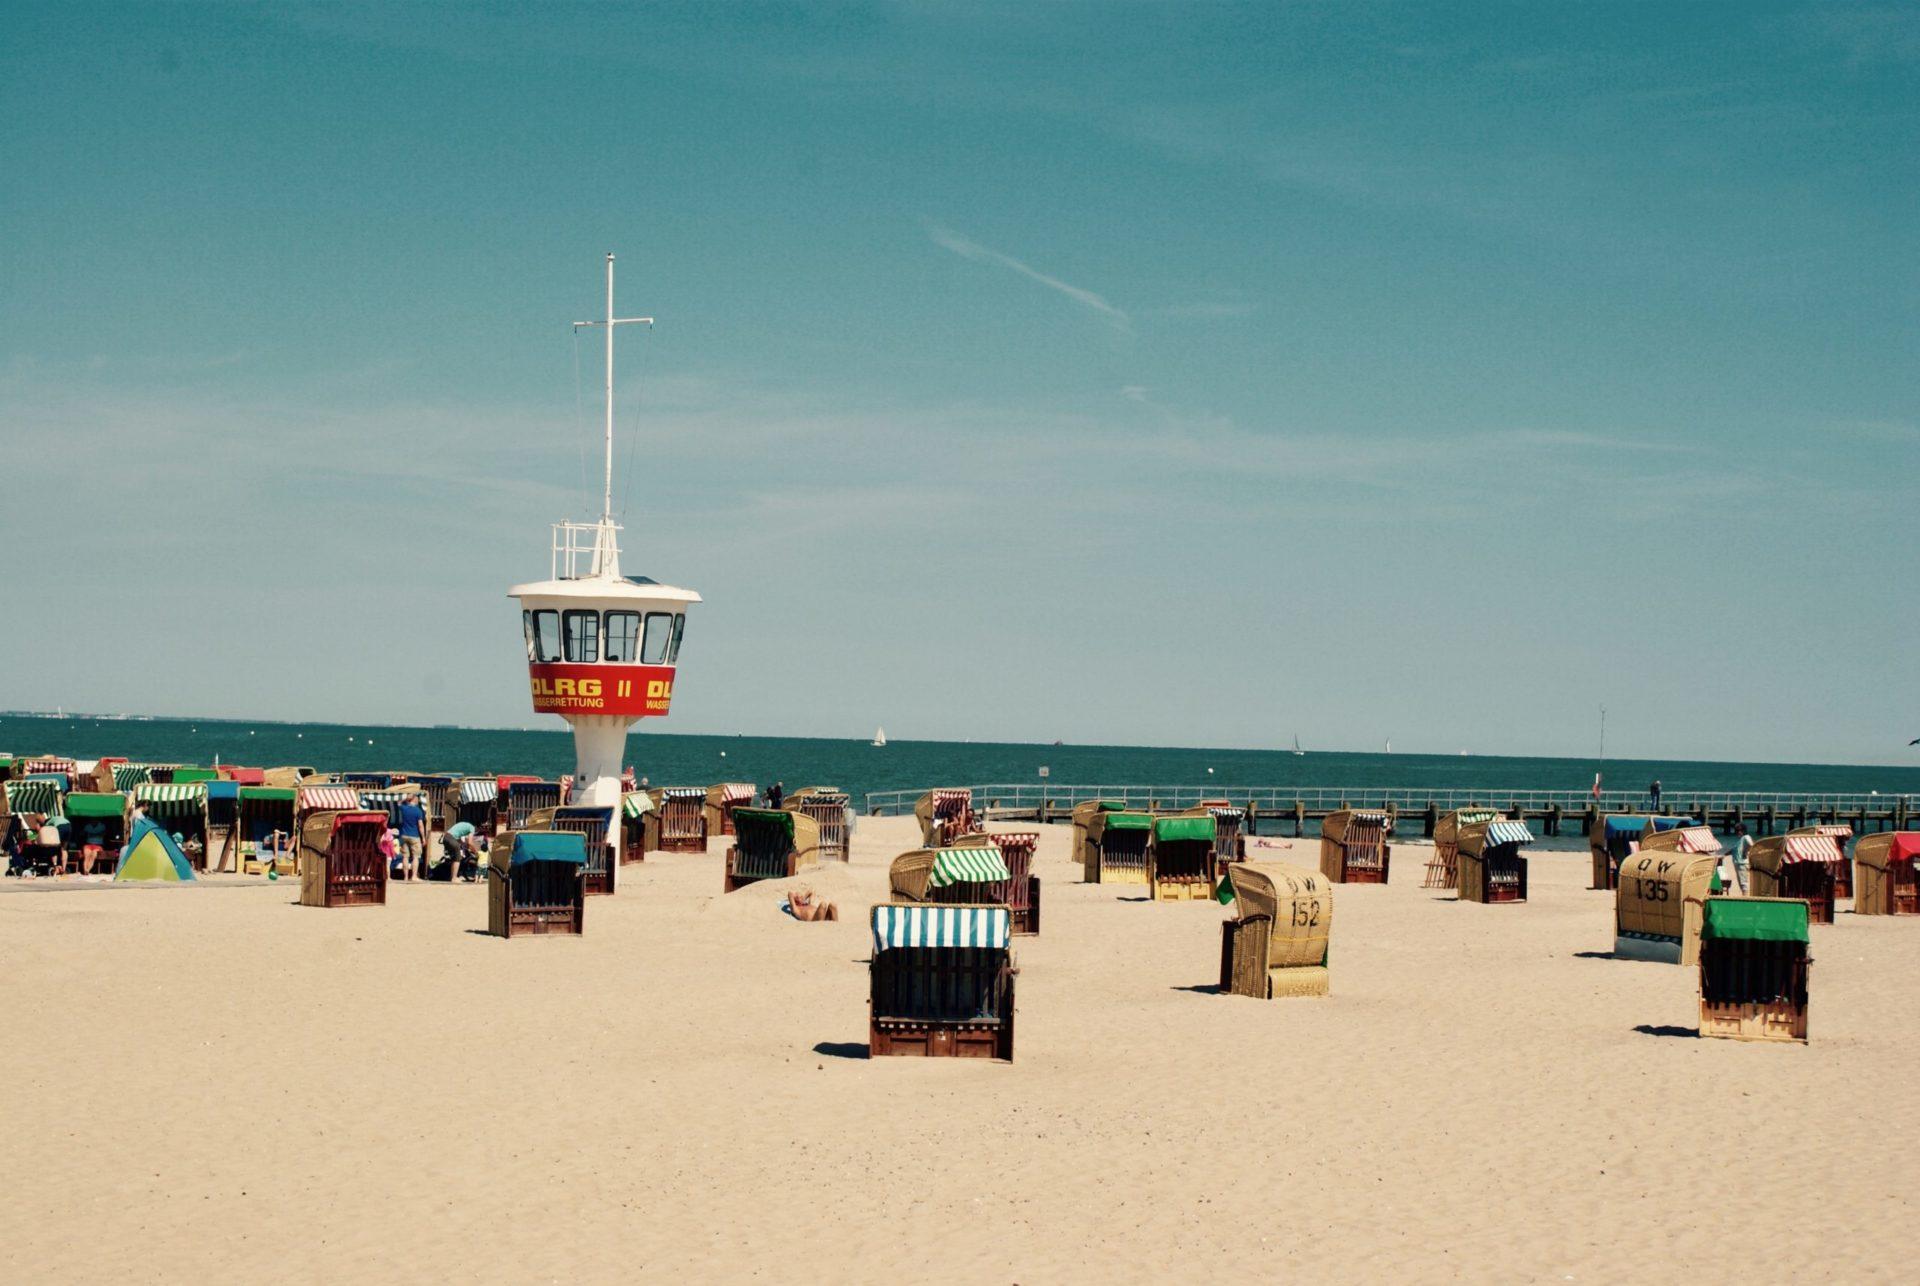 Wassertemperatur Lübecker Bucht: Badestrand von Travemünde mit Strandkörben und DLRG-Turm